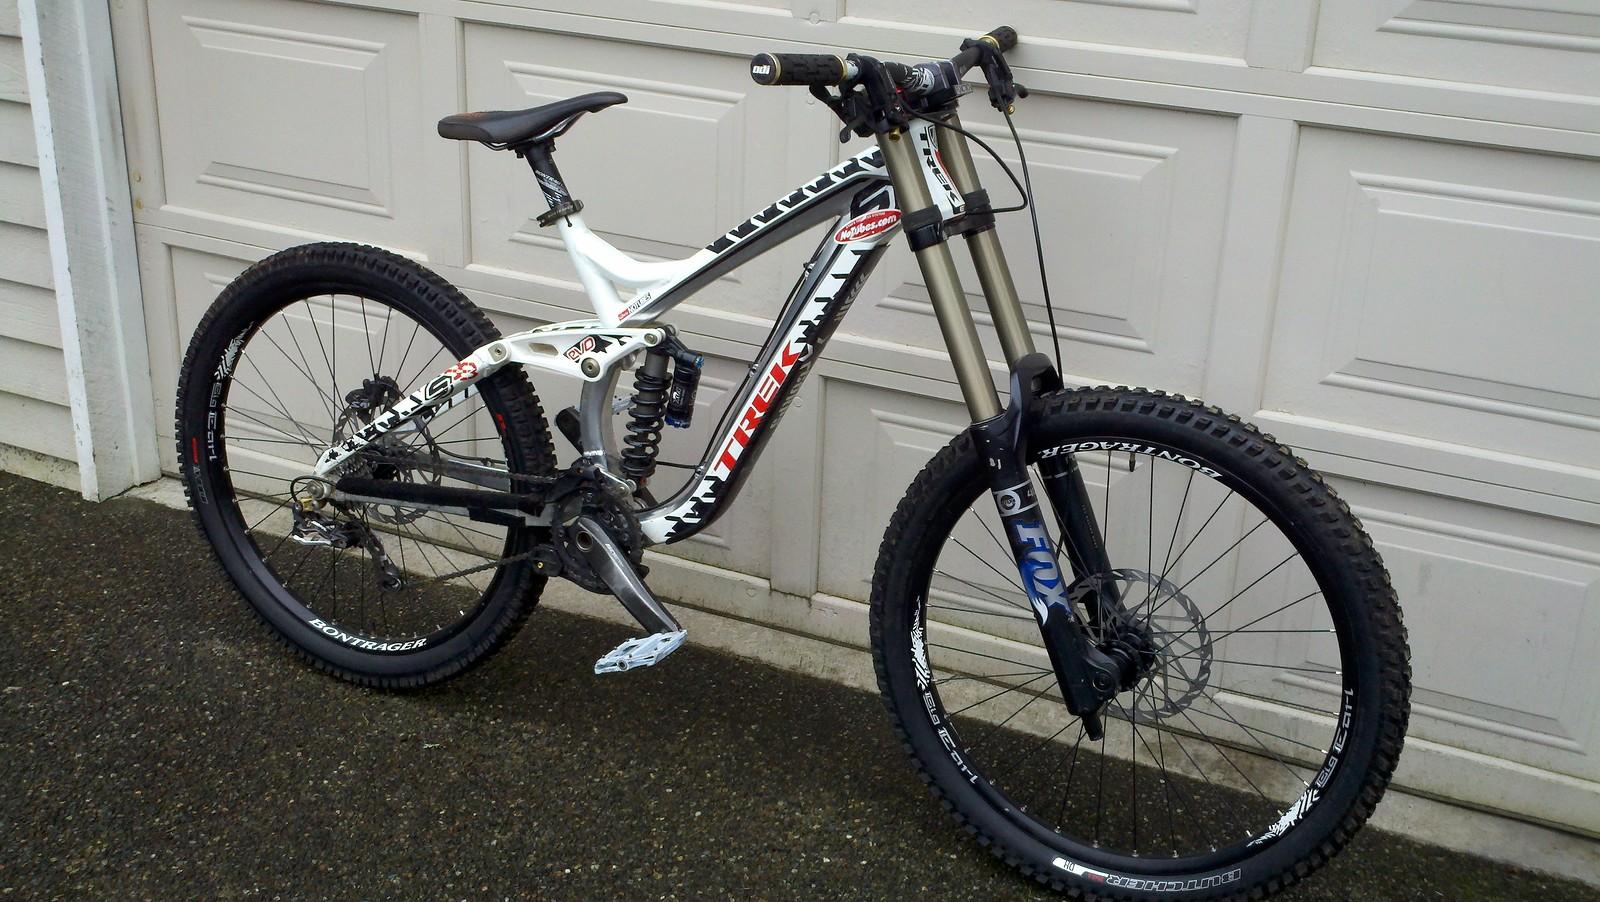 my 2011 season ride